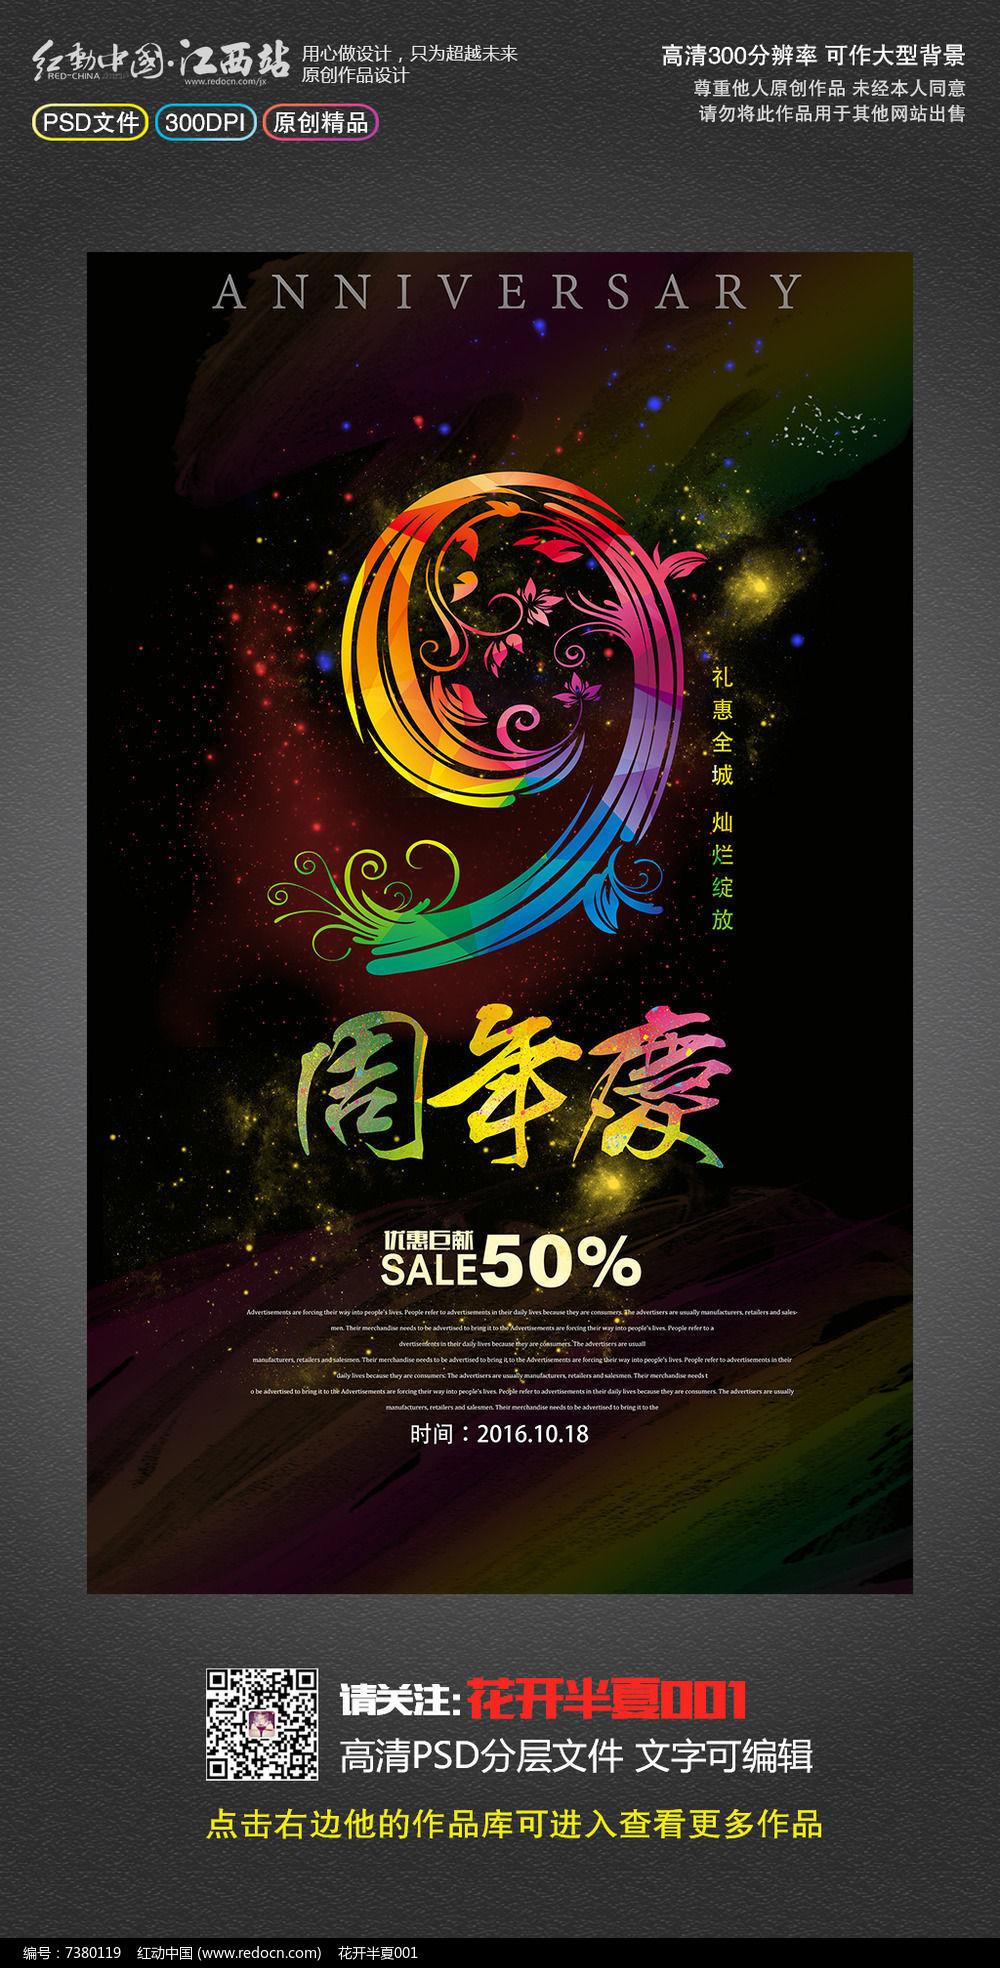 黑色炫彩9周年店庆宣传海报图片